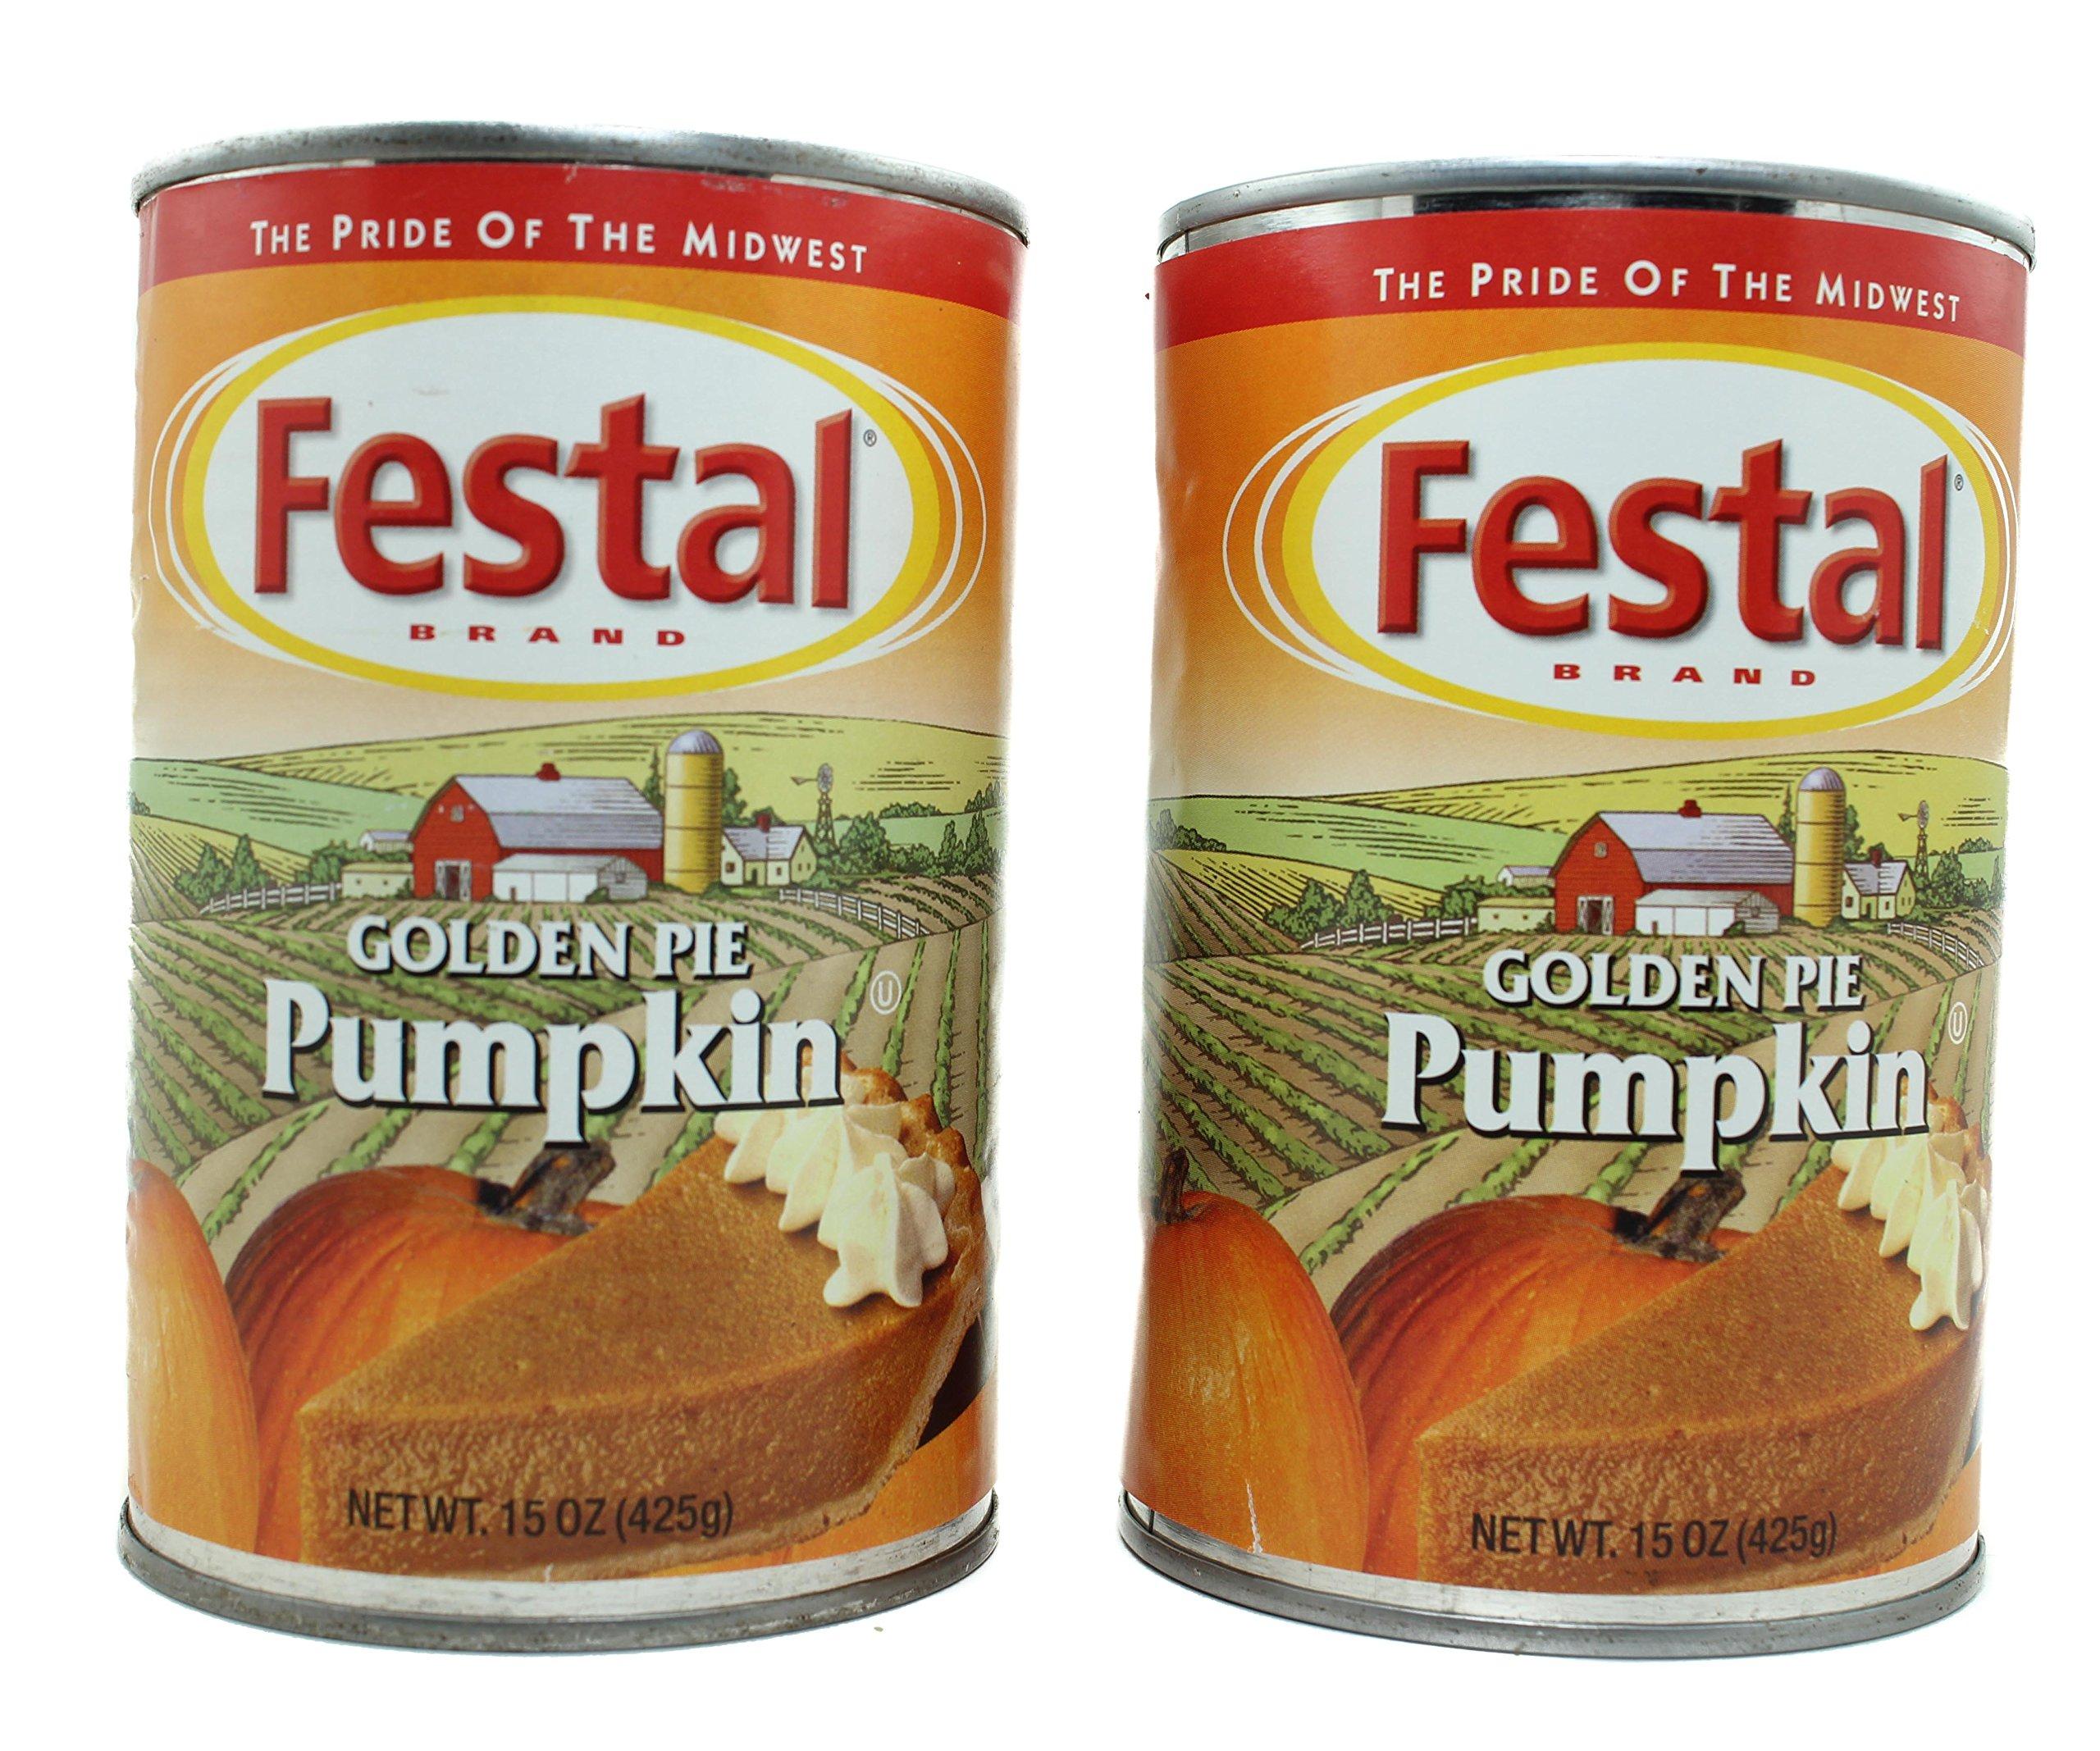 Festal Golden Pie Pure Pumpkin 2 - 15 OZ Cans